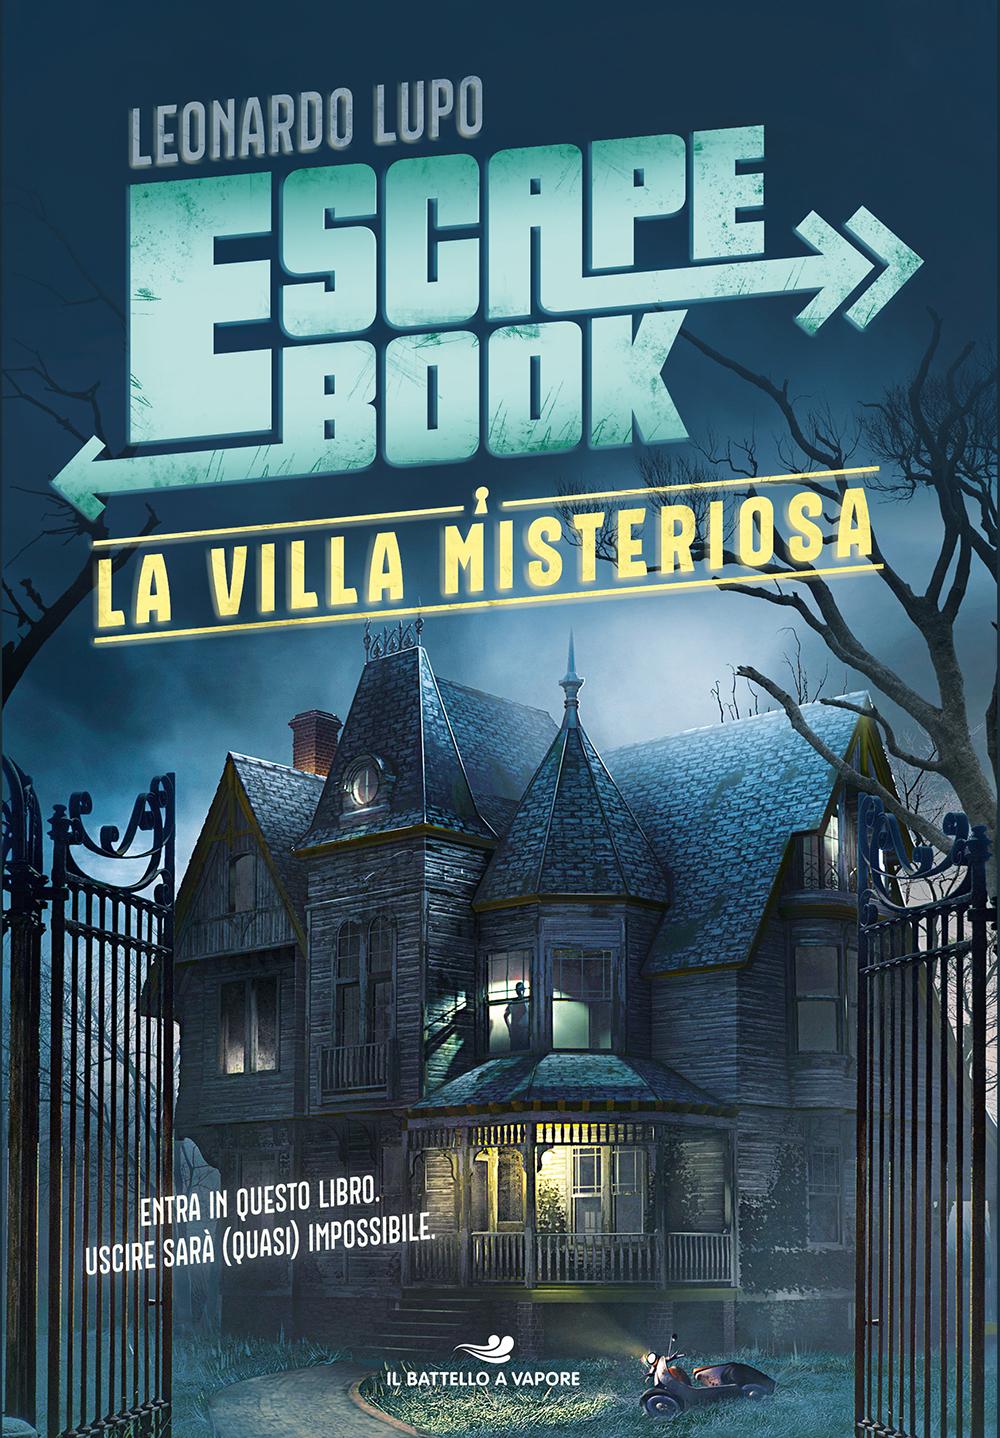 La villa misteriosa – Escape book